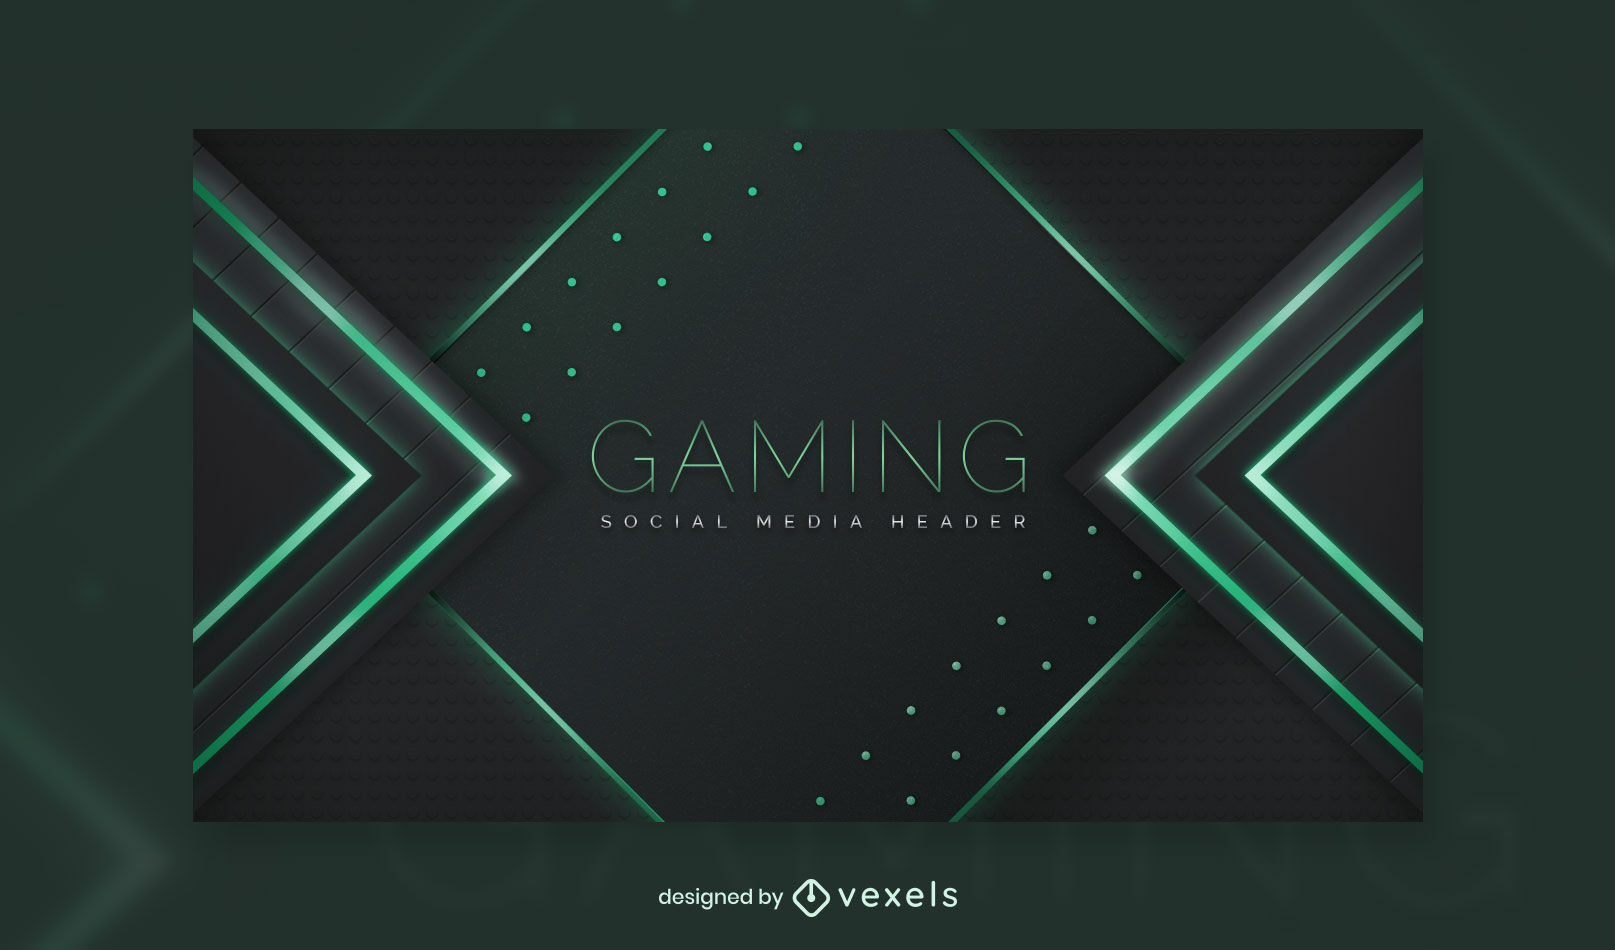 Neonlicht-Gaming-Facebook-Cover-Vorlage